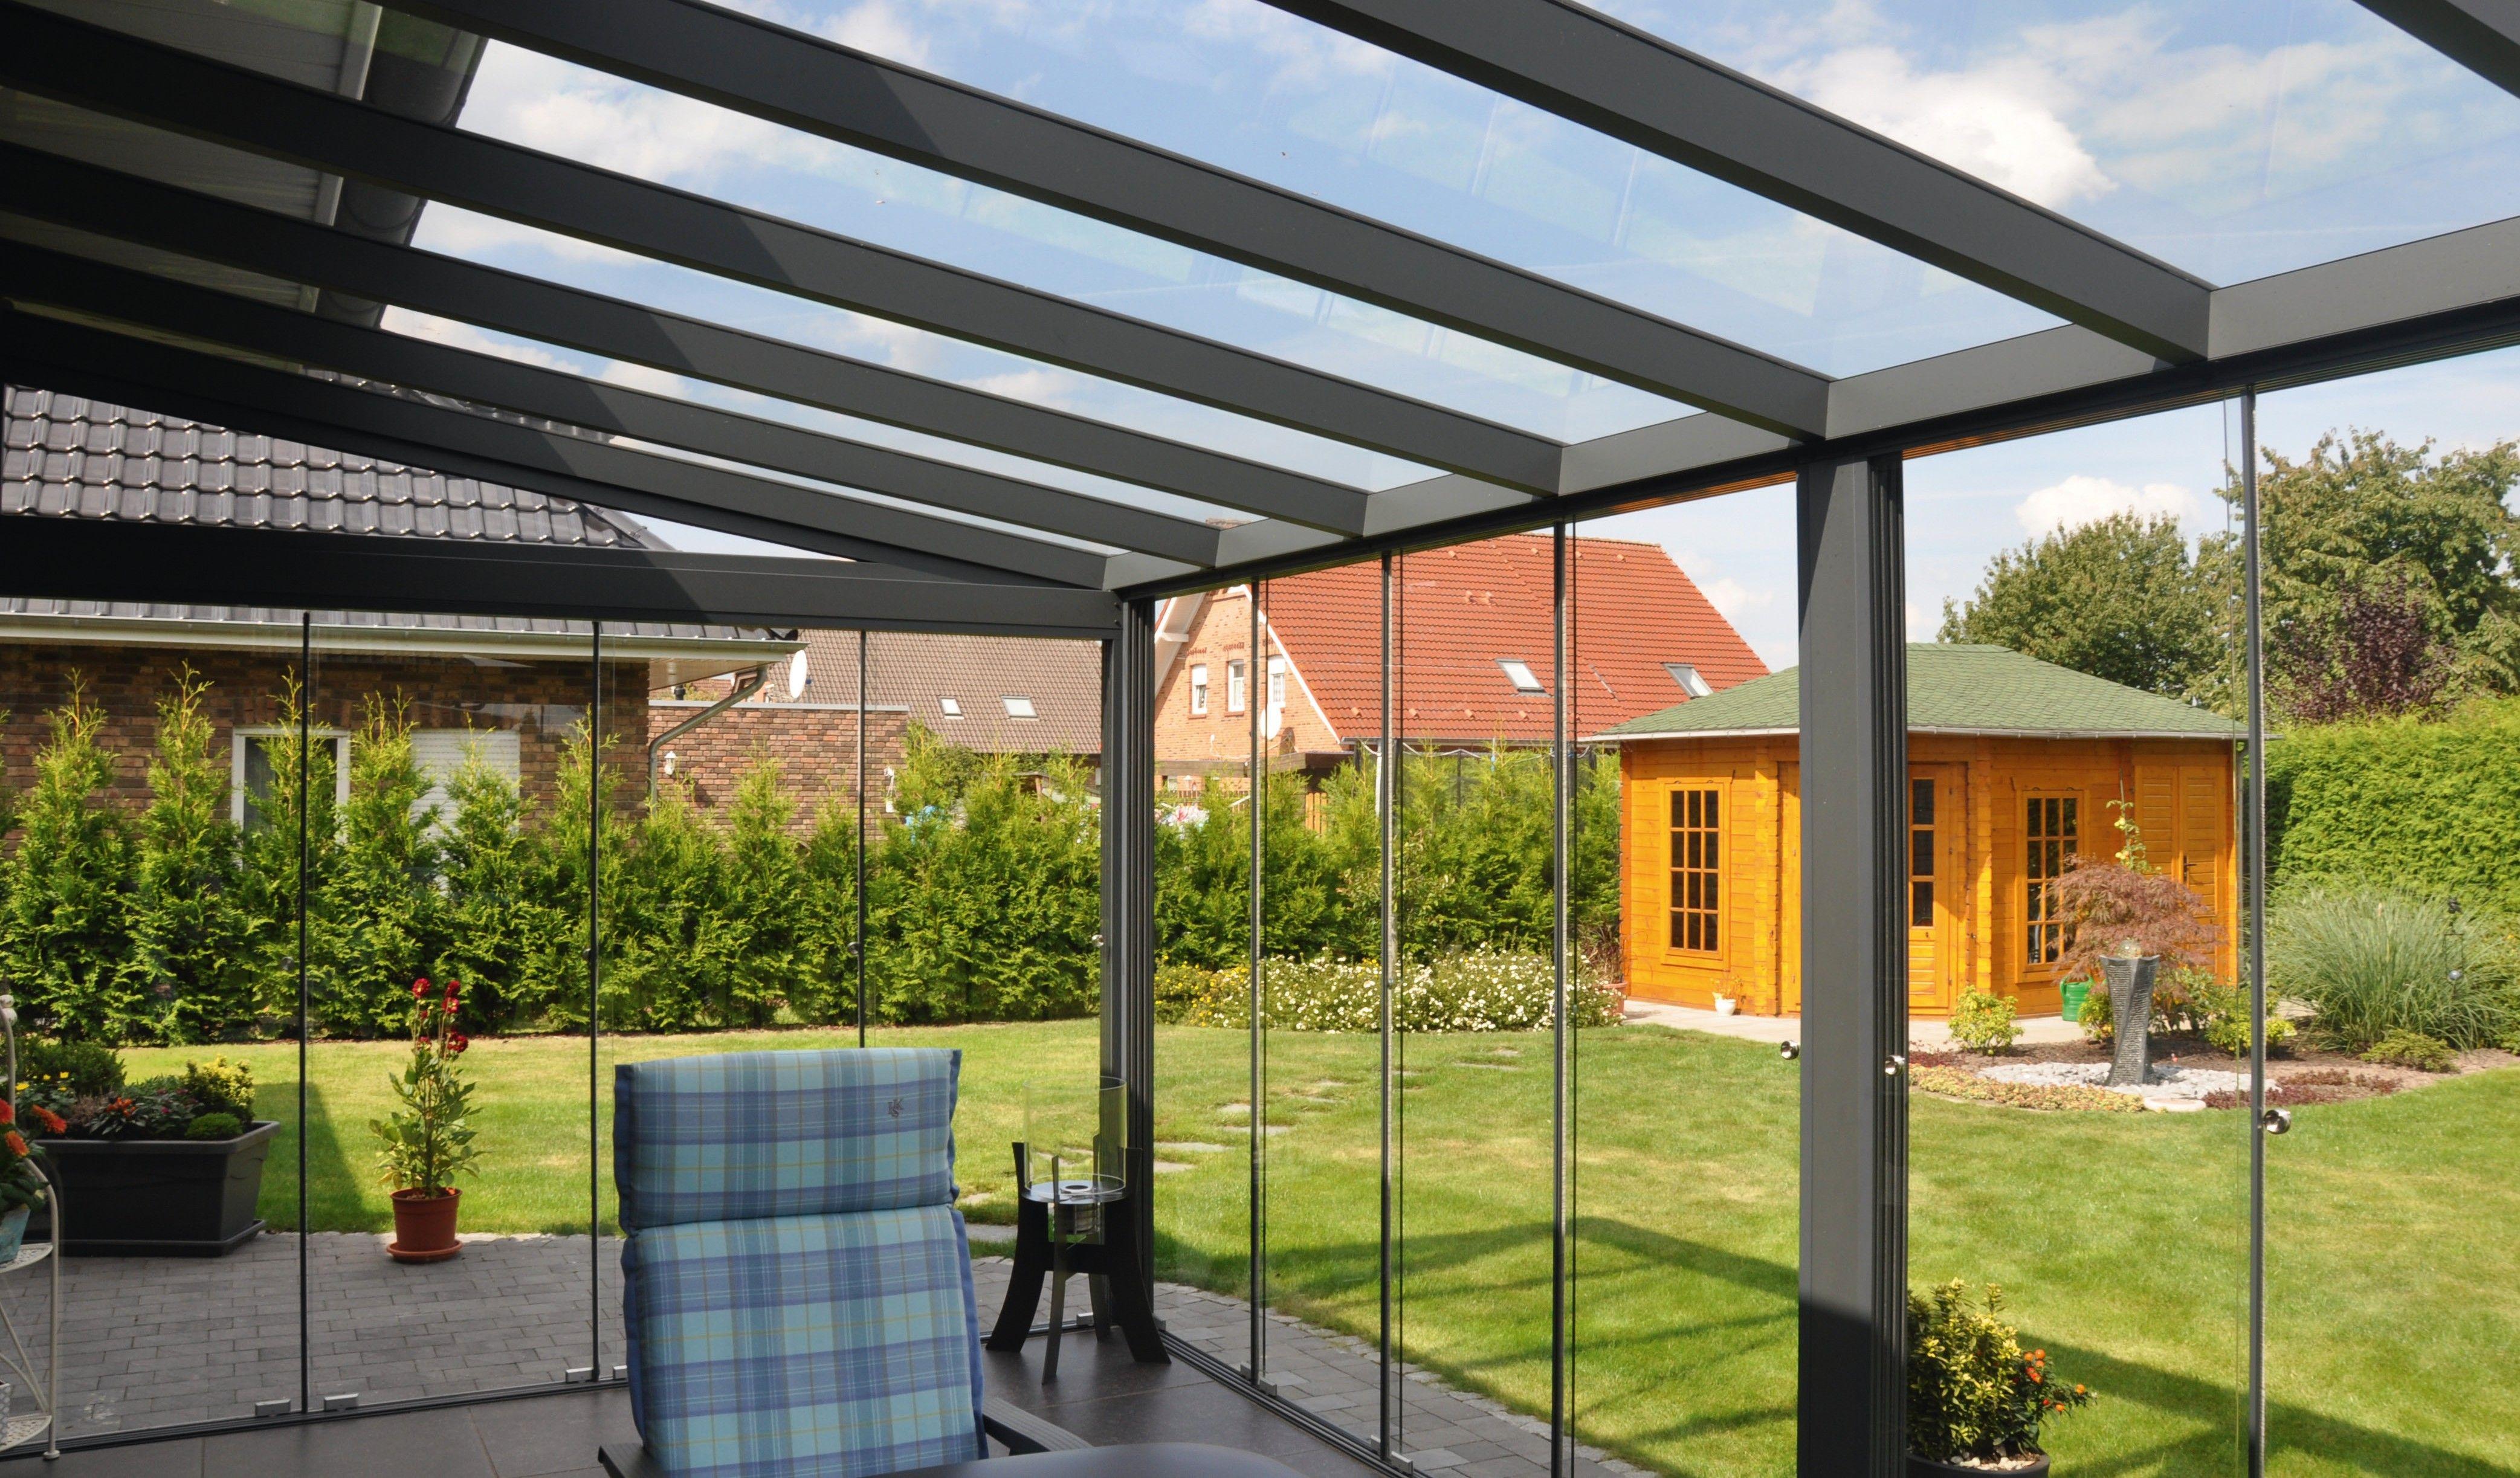 Terrazze Chiuse Con Vetrate interno veranda completa con vetrate scorrevoli | veranda